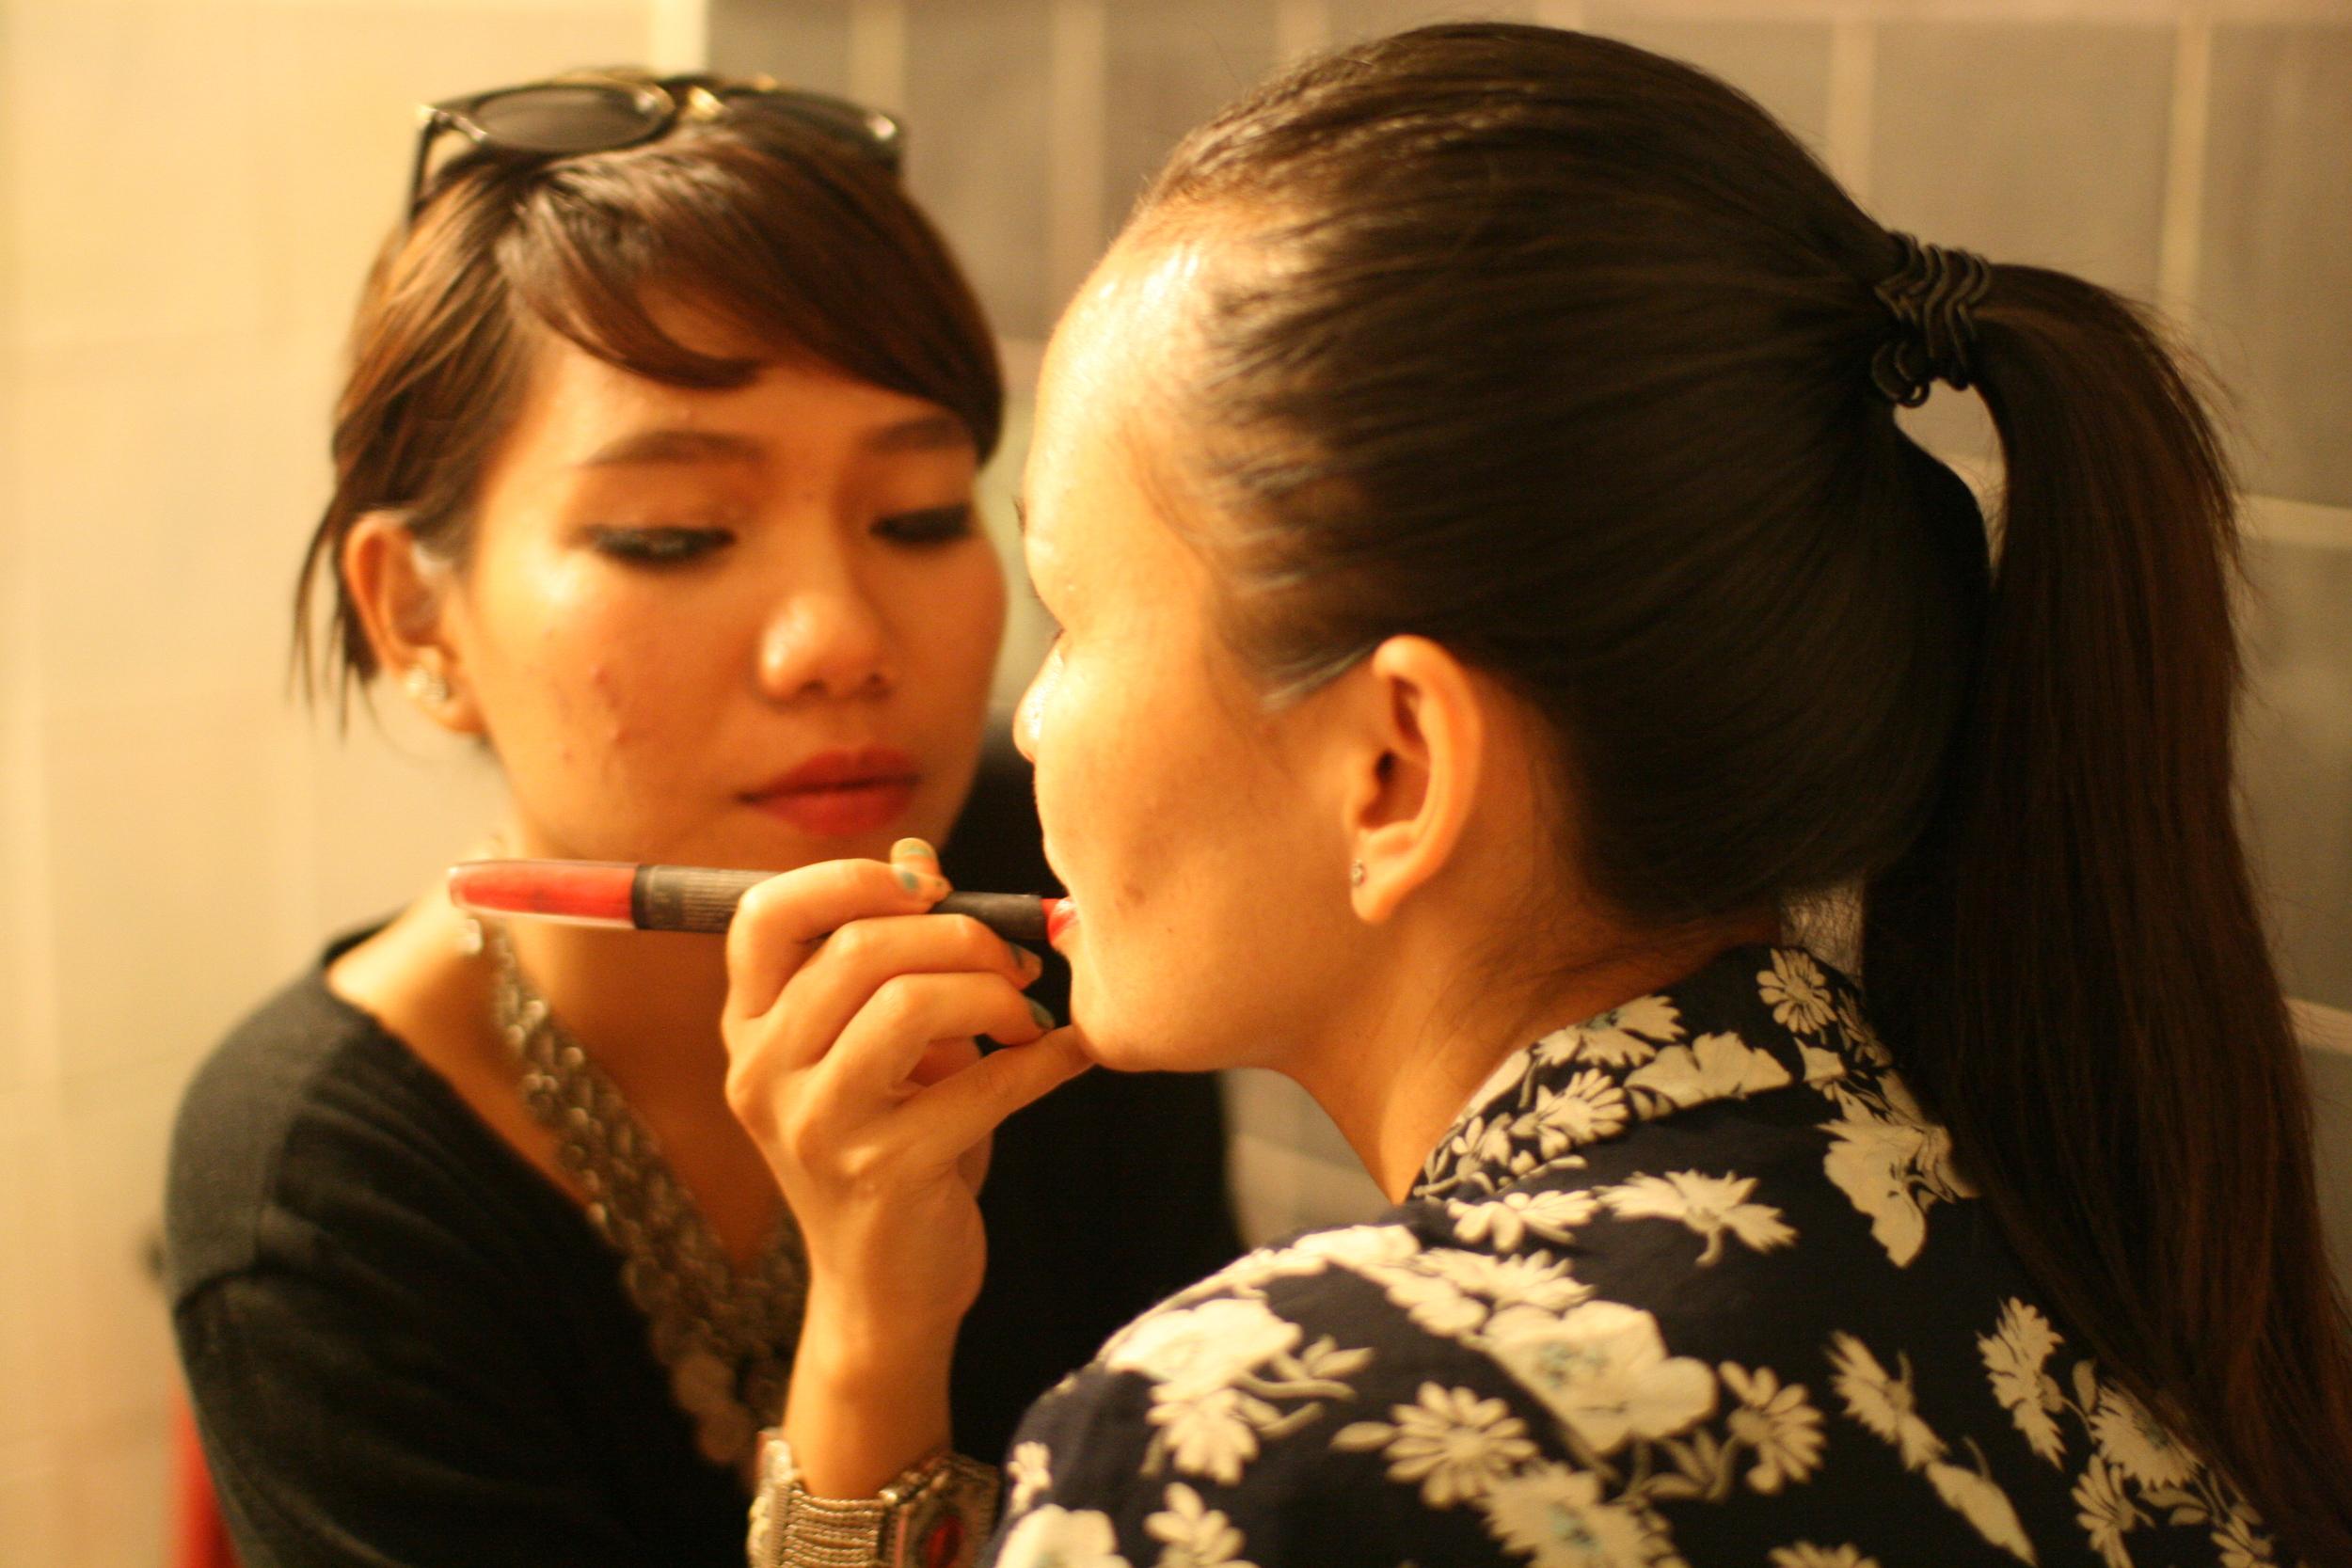 Self-CareRitual Adornment: Black or Red Lipstick